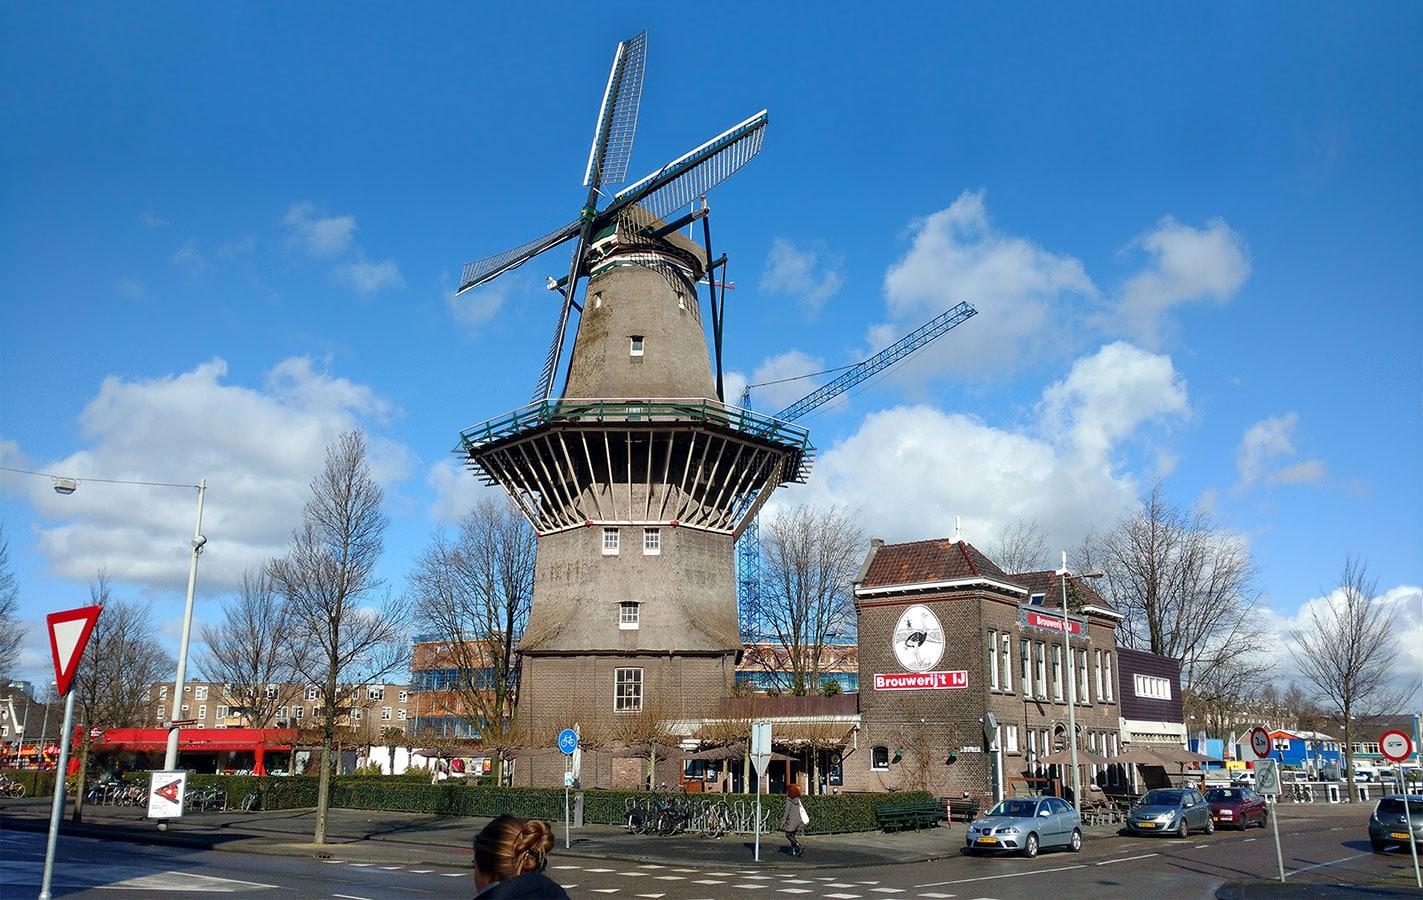 Groothoek shot van molen met brouwerij 't IJ en een hijskraan op de achtergrond